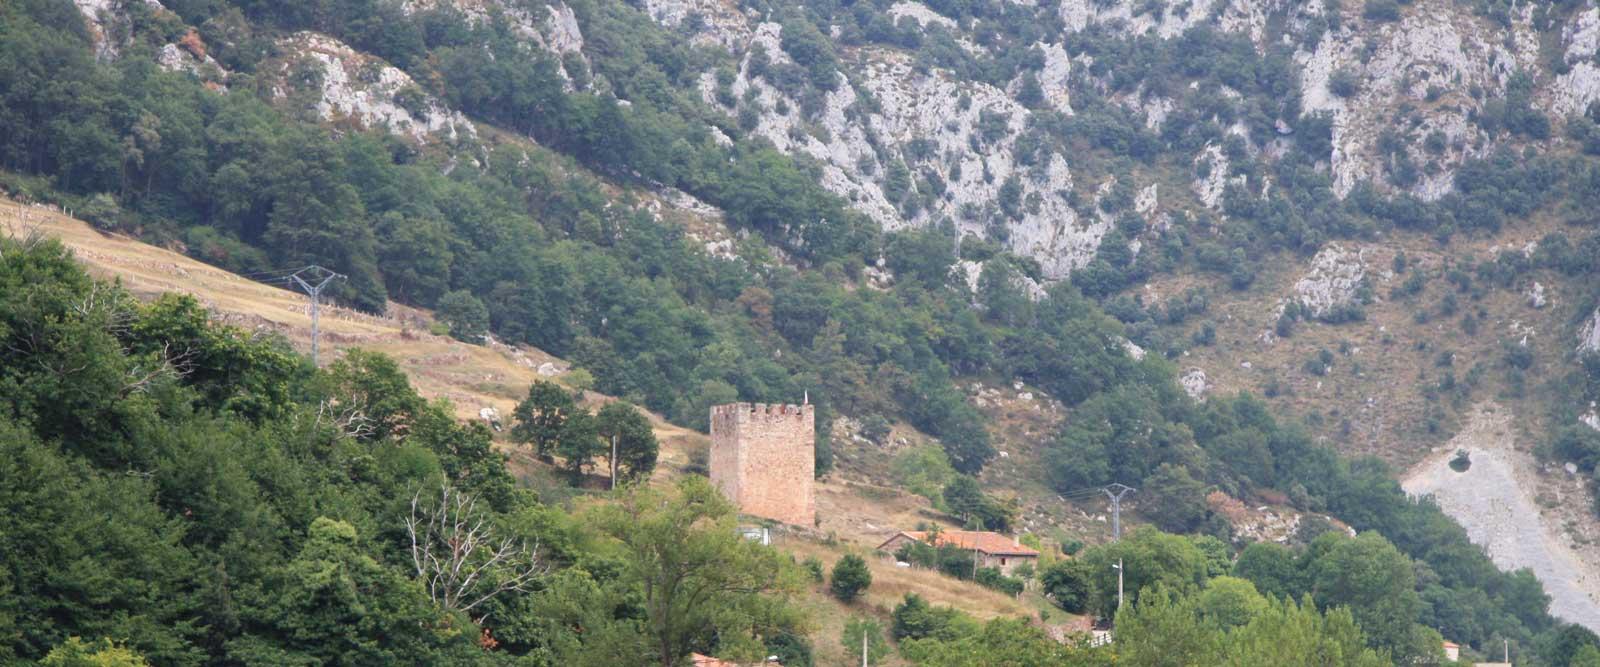 patrimonio-penarrubia-torre-f